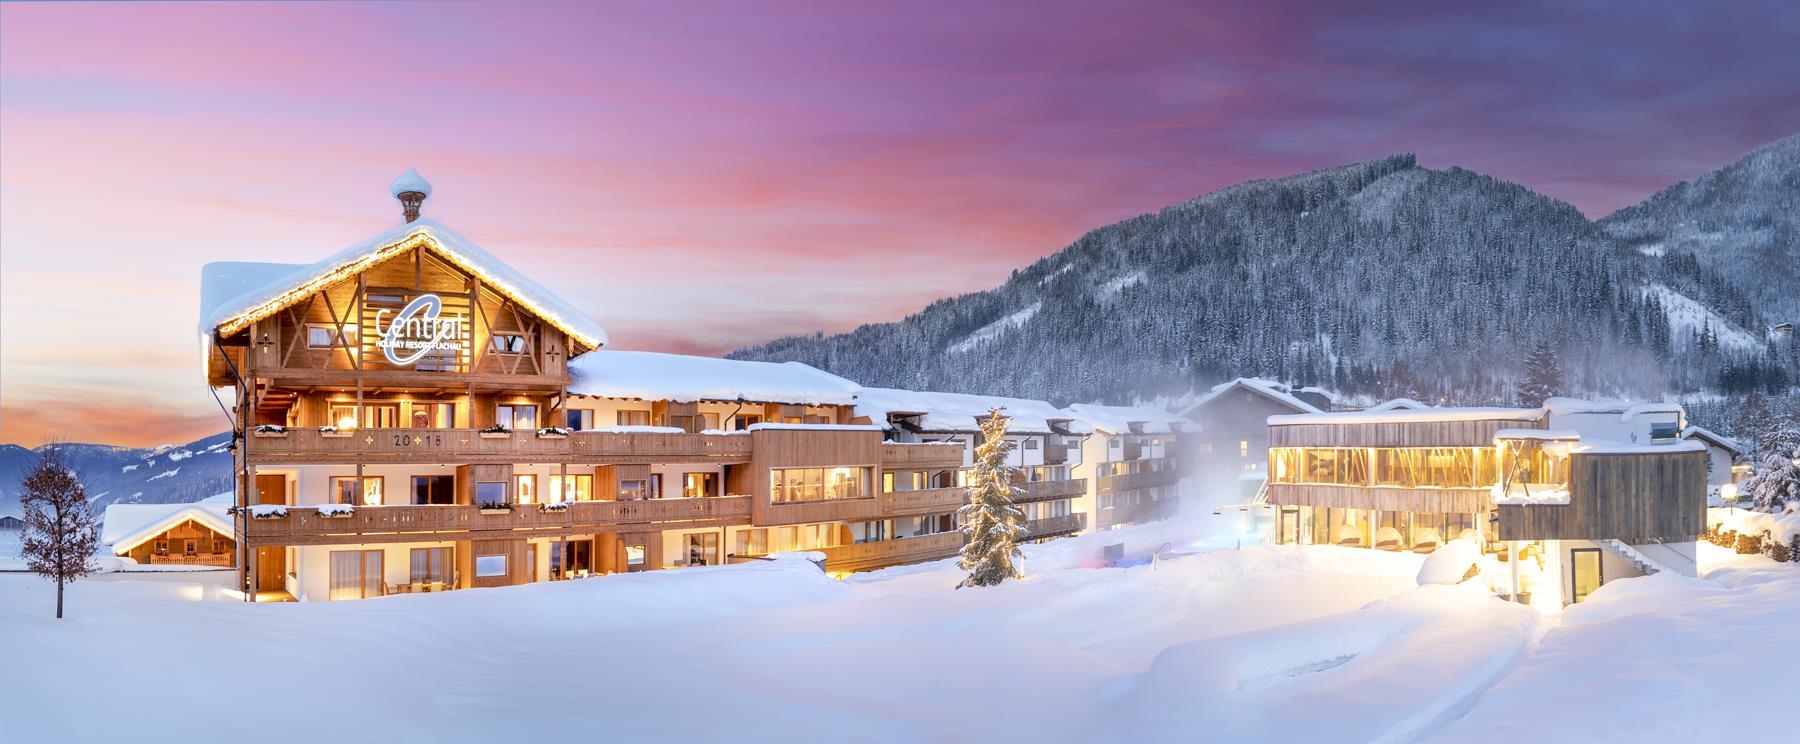 Appartement de vacances Ferienanlage Central Fewo A (2-4 Personen/1SZ, WSR) (2099190), Flachau, Pongau, Salzbourg, Autriche, image 1